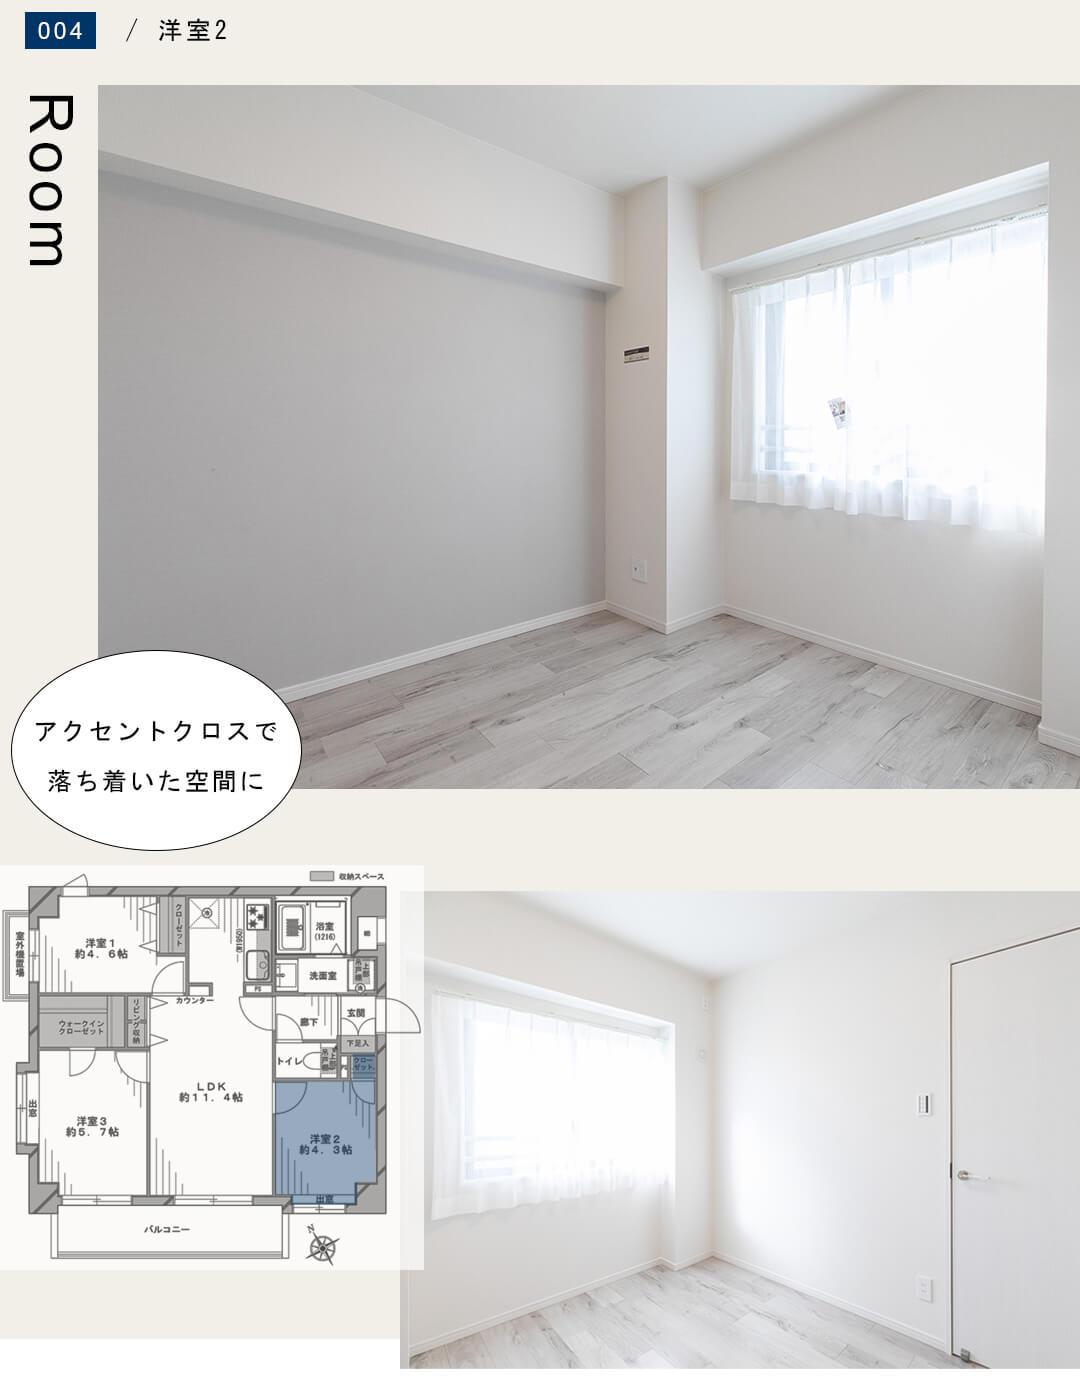 パルミナード尾山台壱番館 305の洋室2